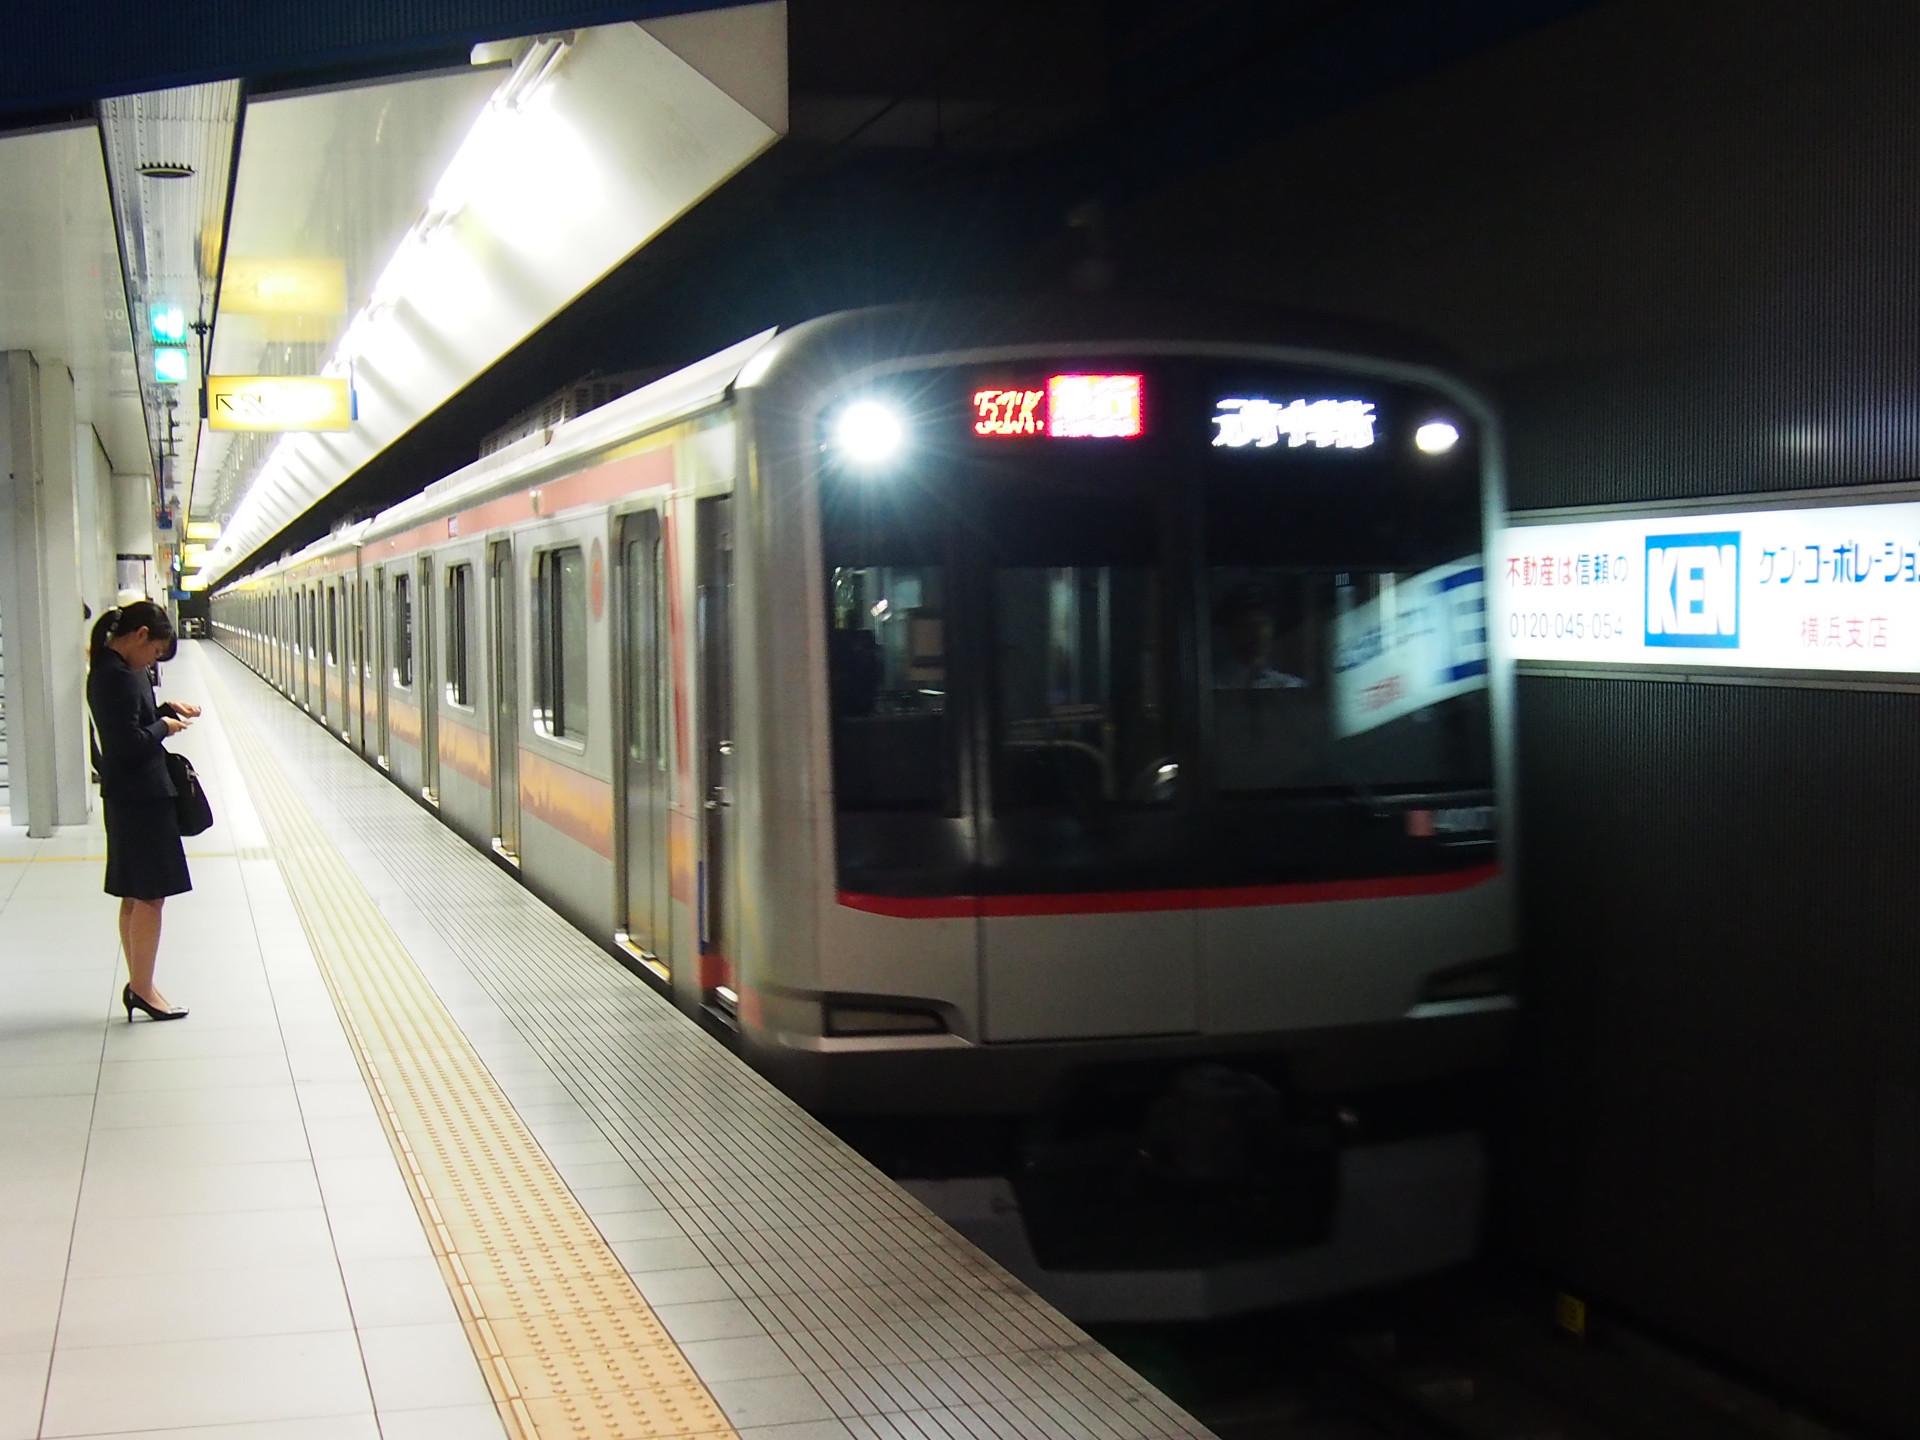 東急5050系4000番台07F編成の実車です。